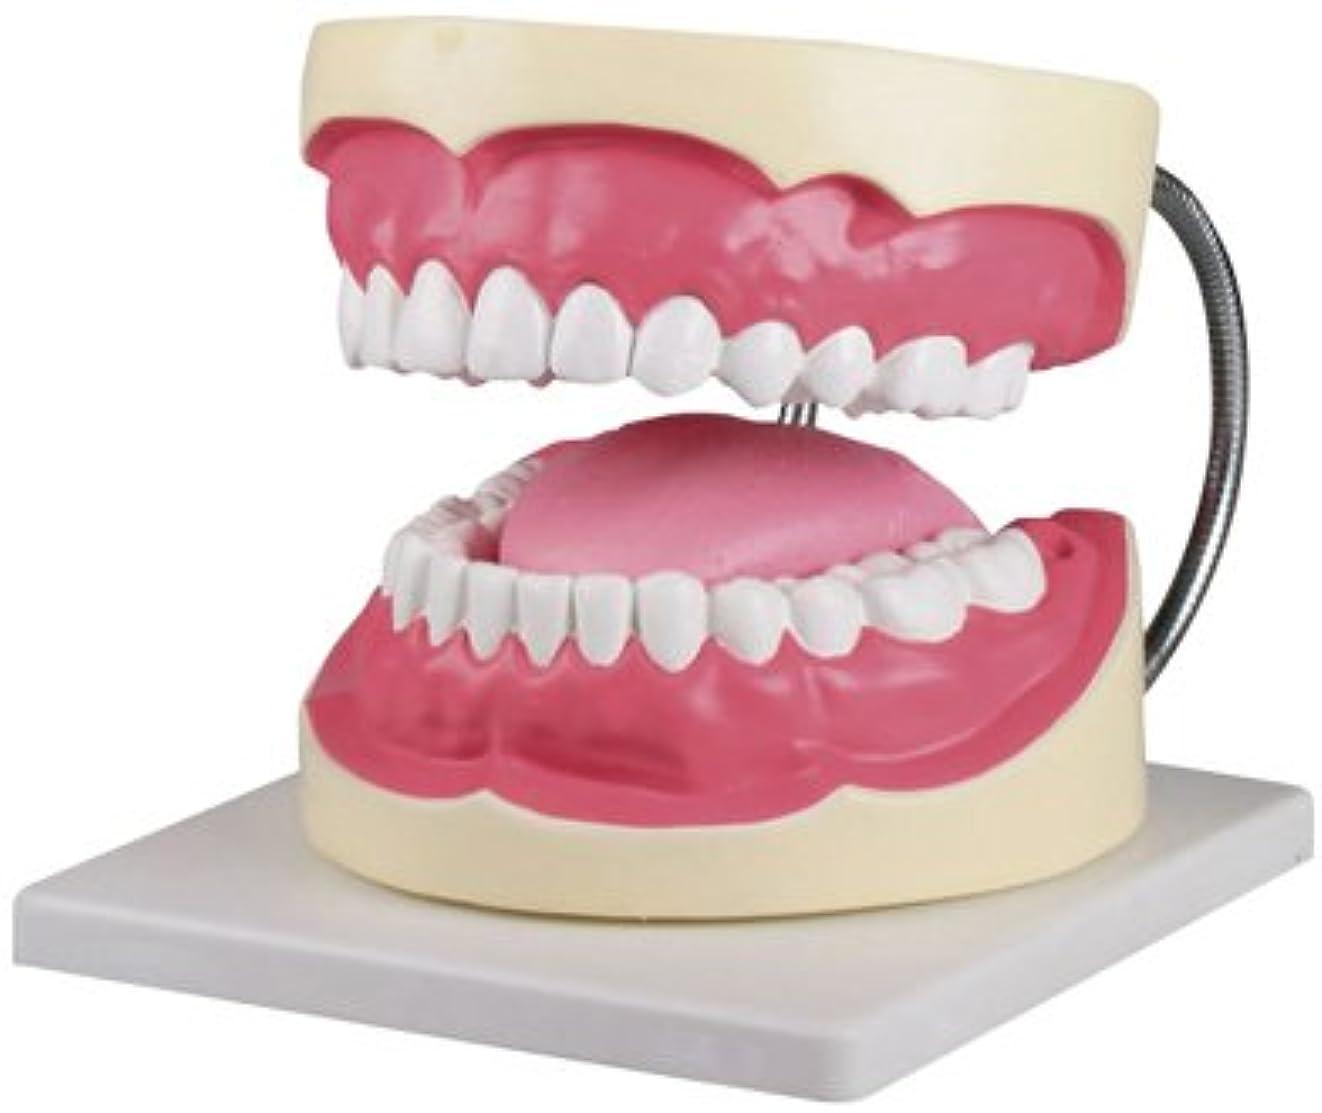 賢いタンパク質初期歯磨き(口腔ケア)指導模型3倍大 D216 ?????(??????)???????(24-6839-01)【エルラージーマー社】[1個単位]